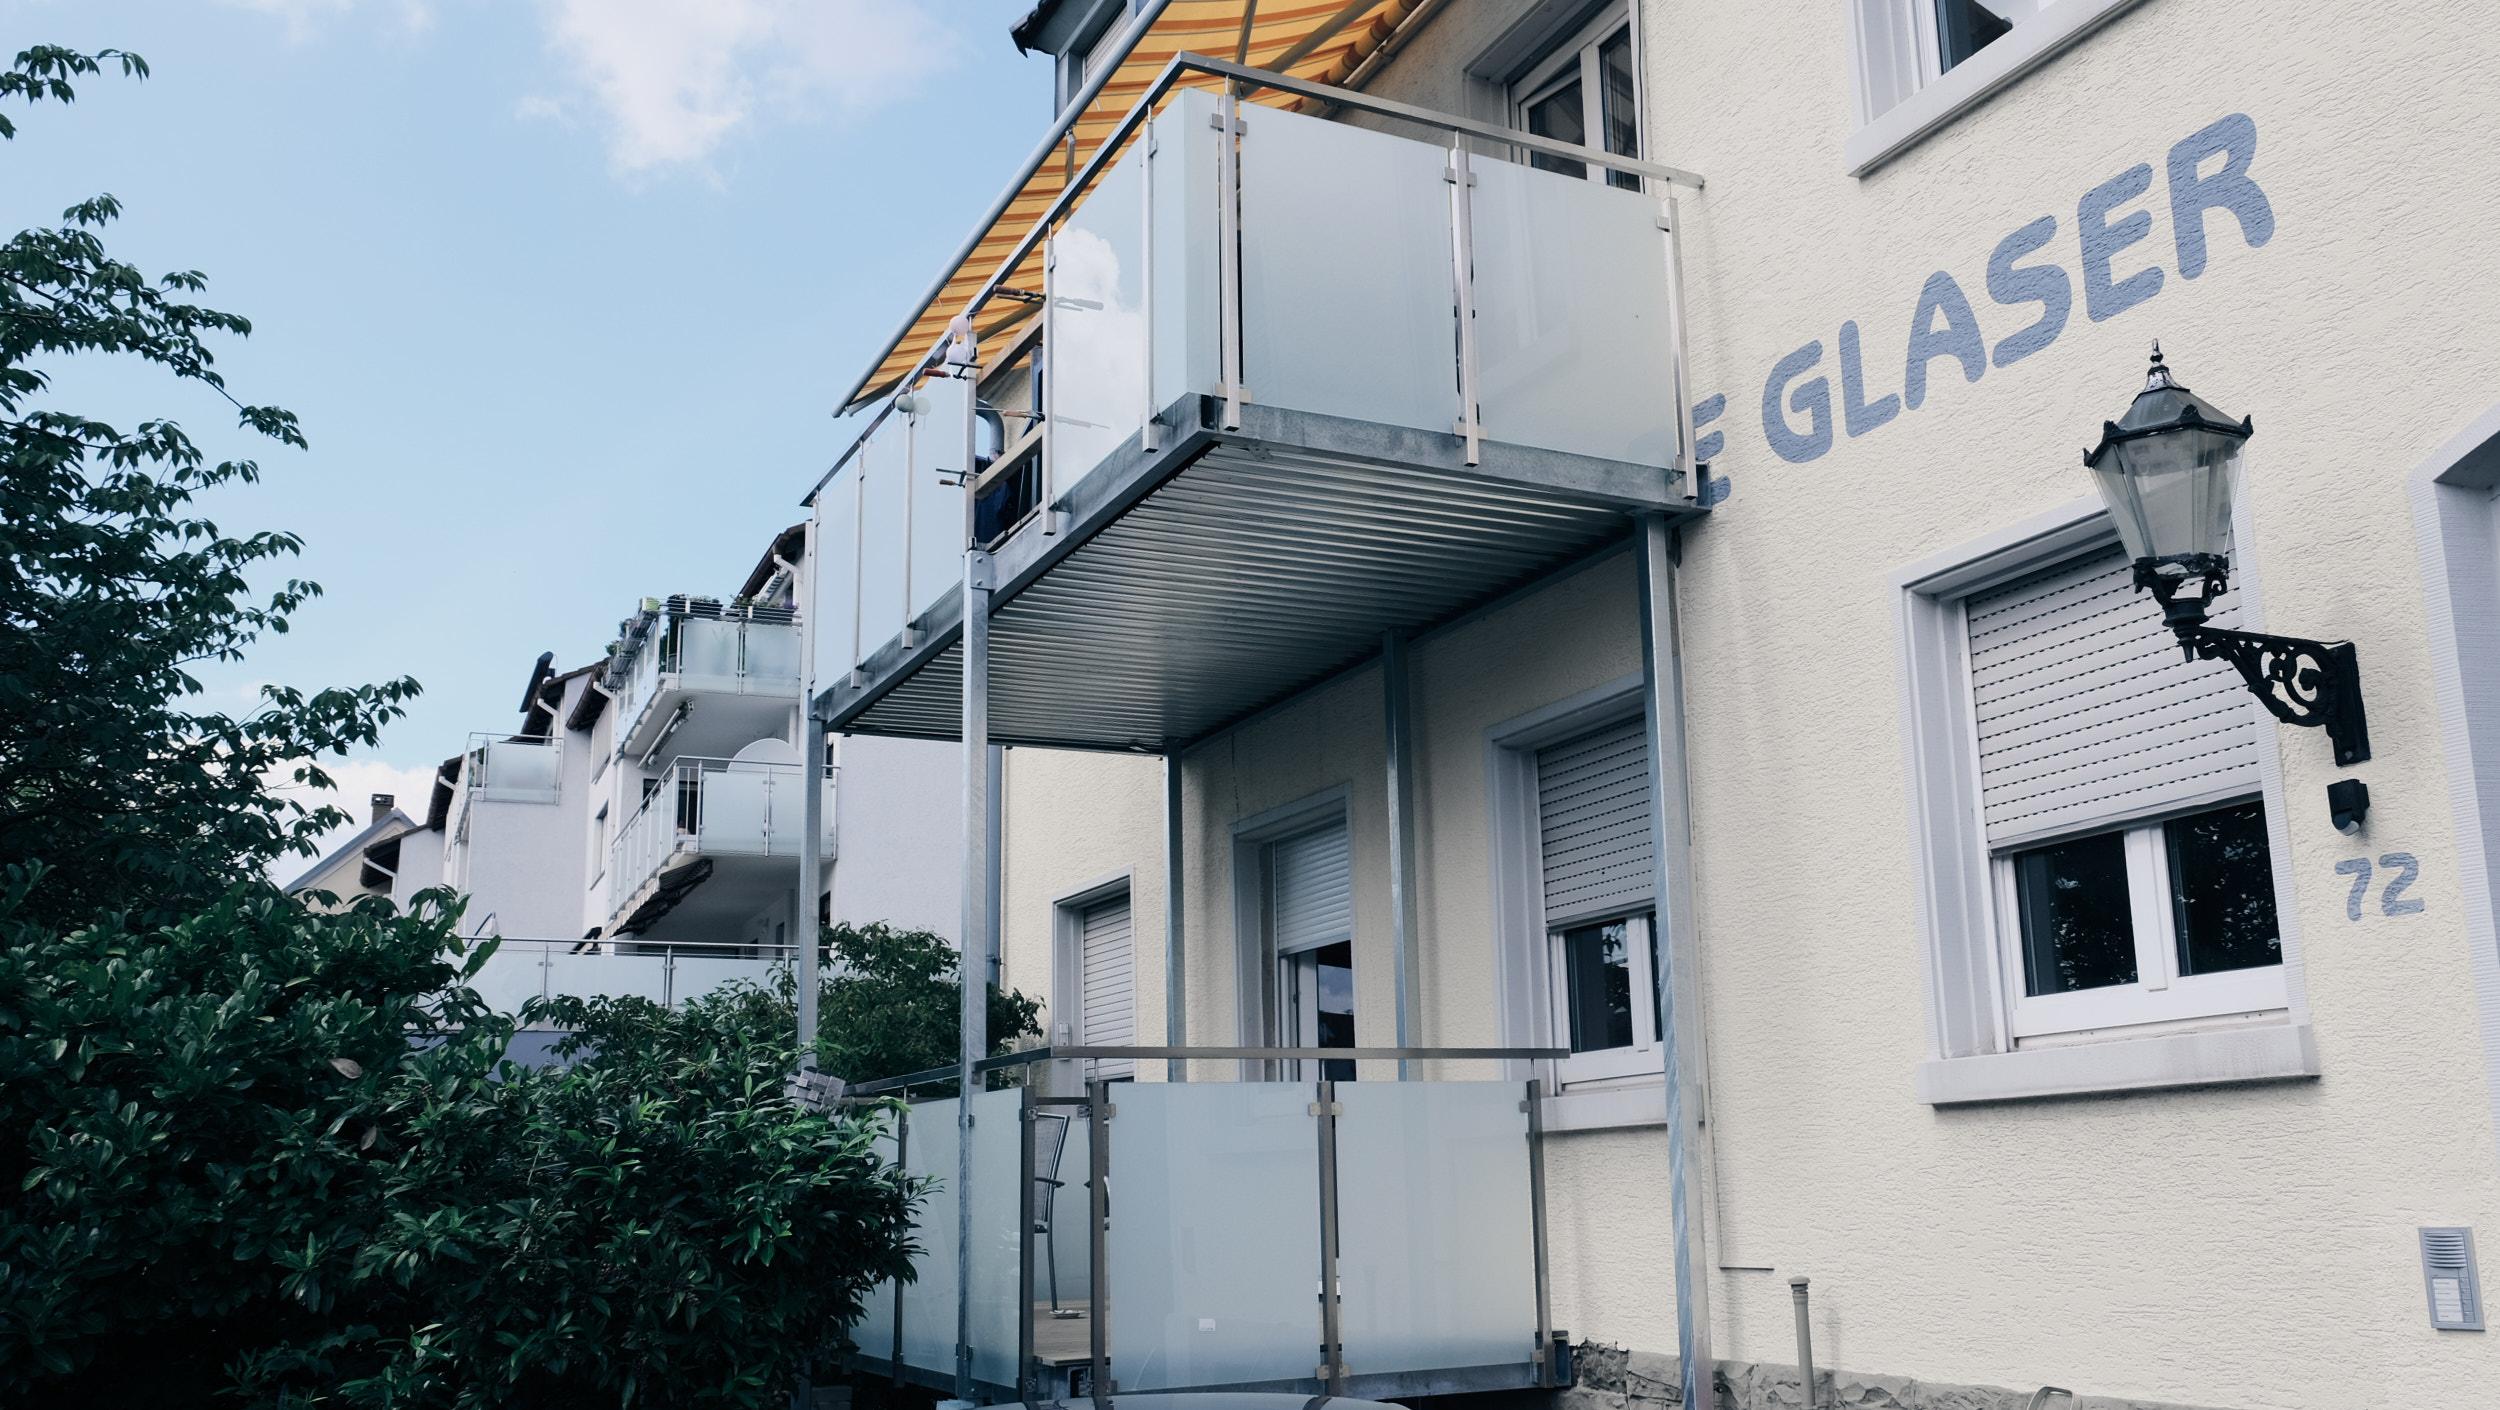 Balkon aus feuerverzinktem Stahl und Edelstahlgeländer mit Milchglasfüllung